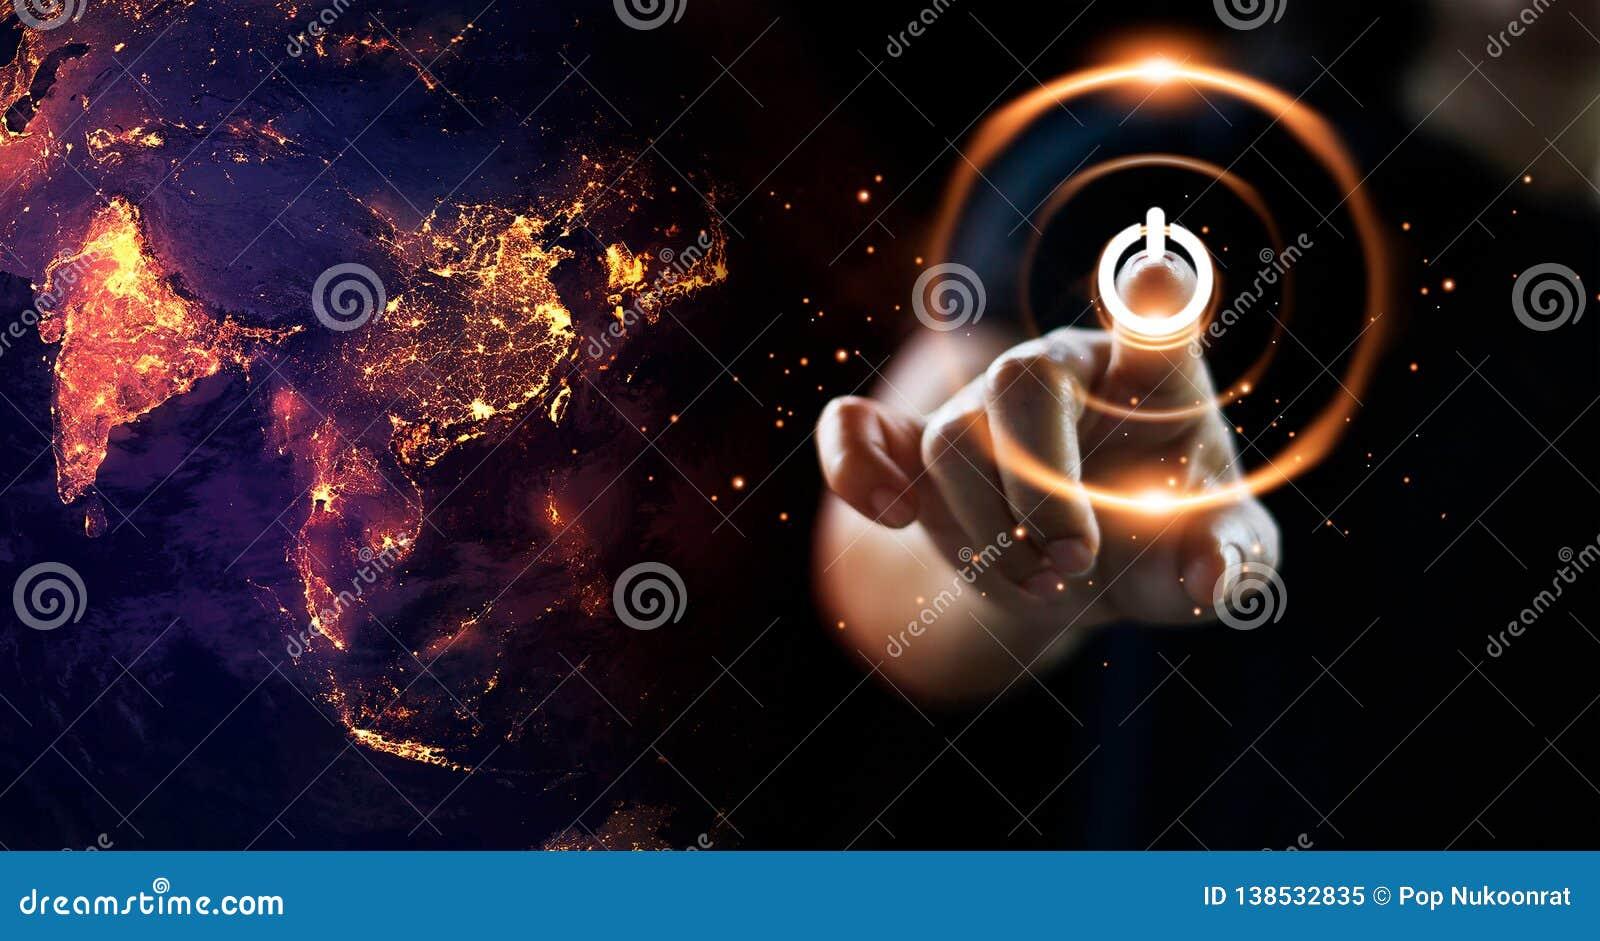 Πιέζοντας ενέργεια κουμπιών δύναμης δάχτυλων στο γήινο τη νύχτα υπόβαθρο το καφετί καλυμμένο γήινο περιβαλλοντικό φύλλωμα ημέρας